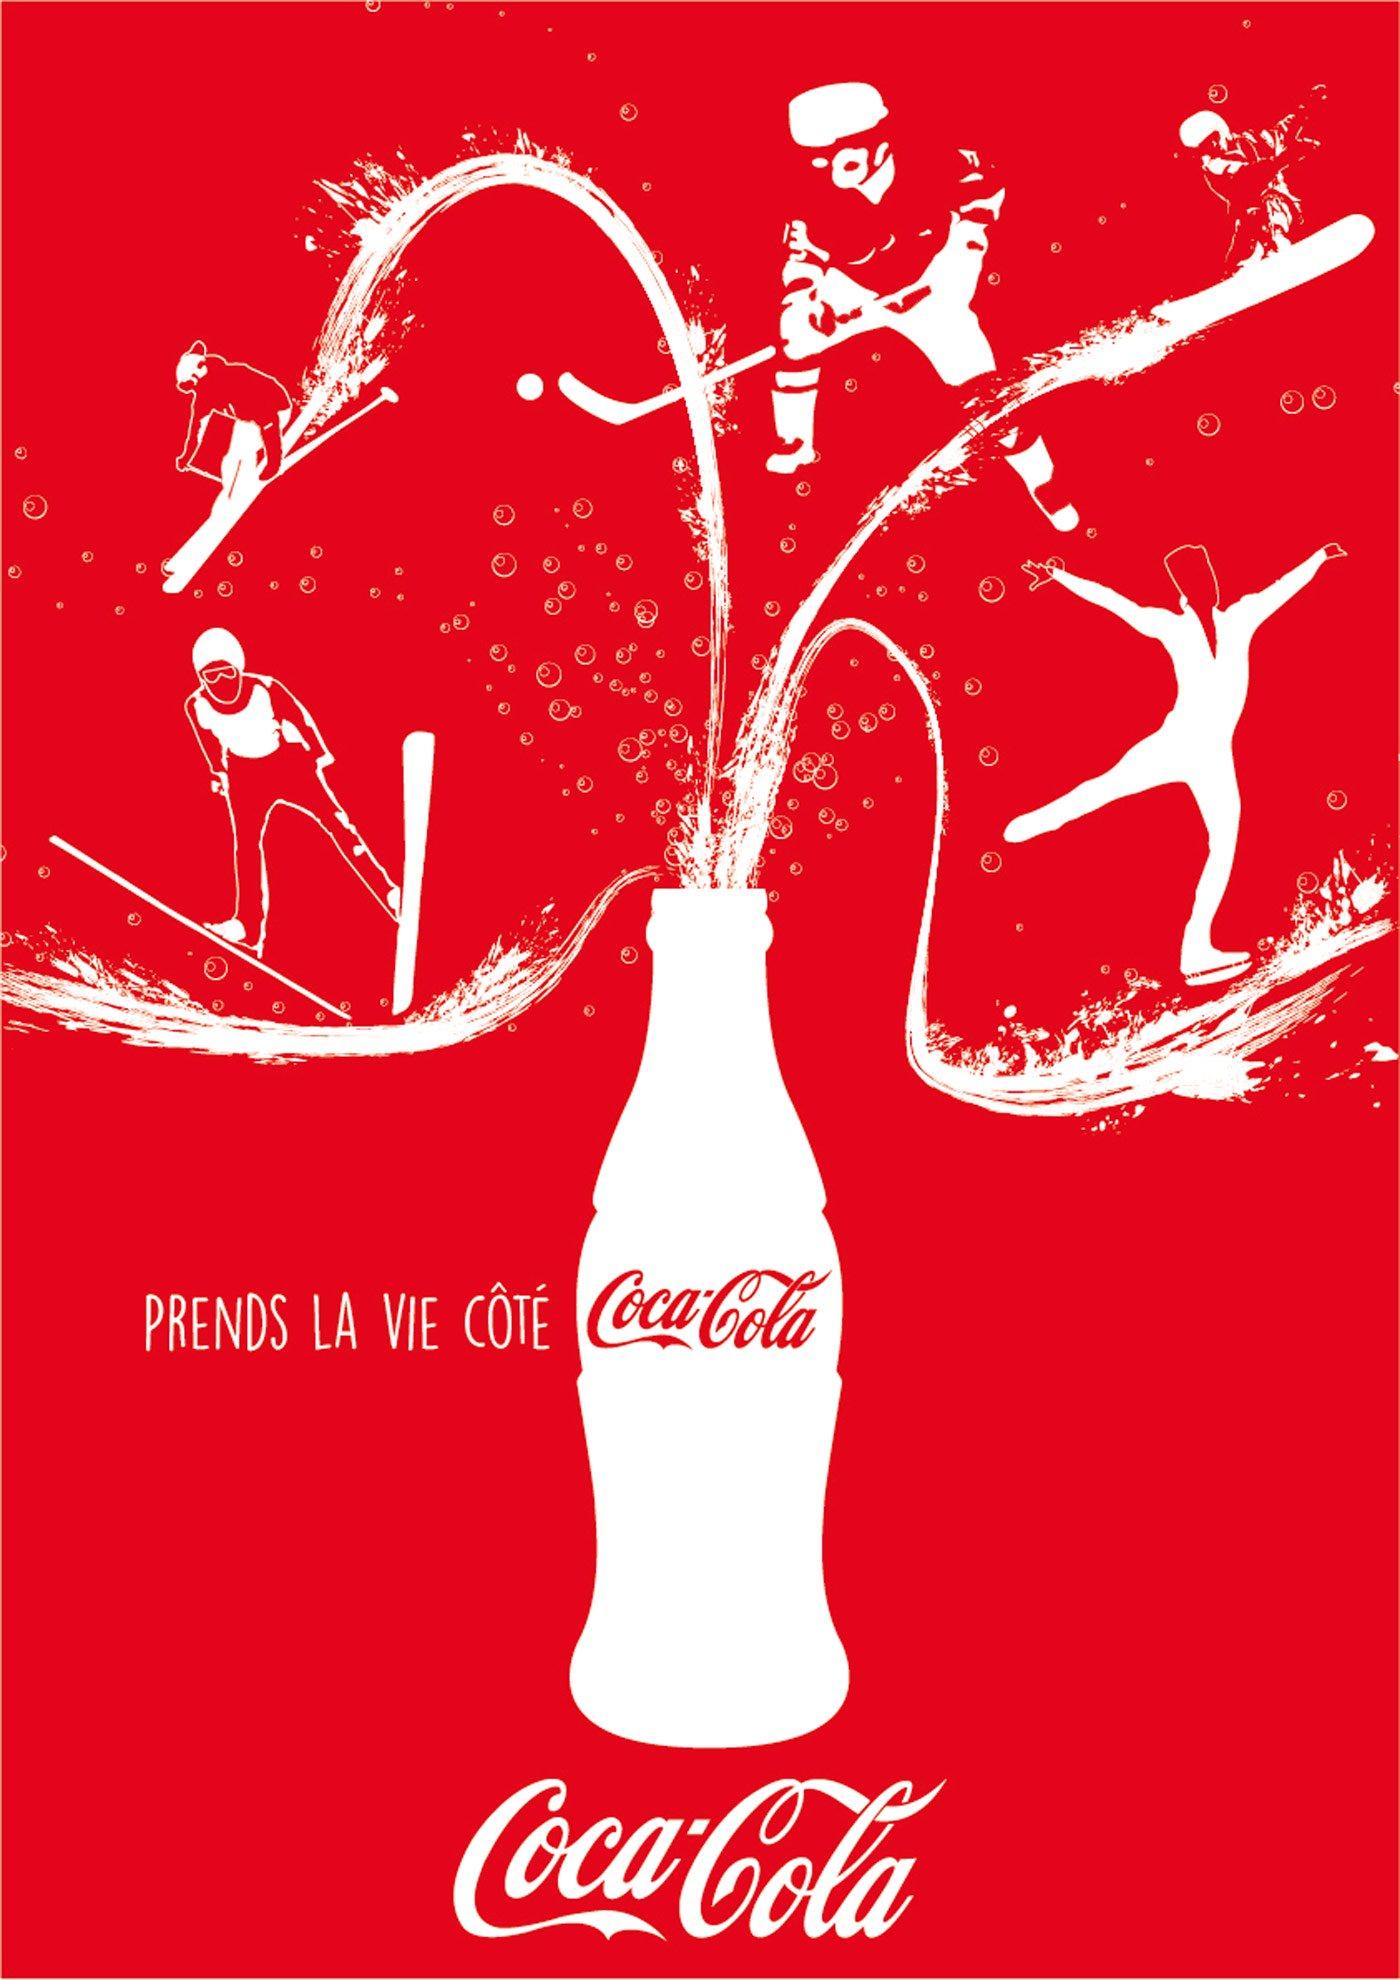 Prends la vie côté Coca-Cola